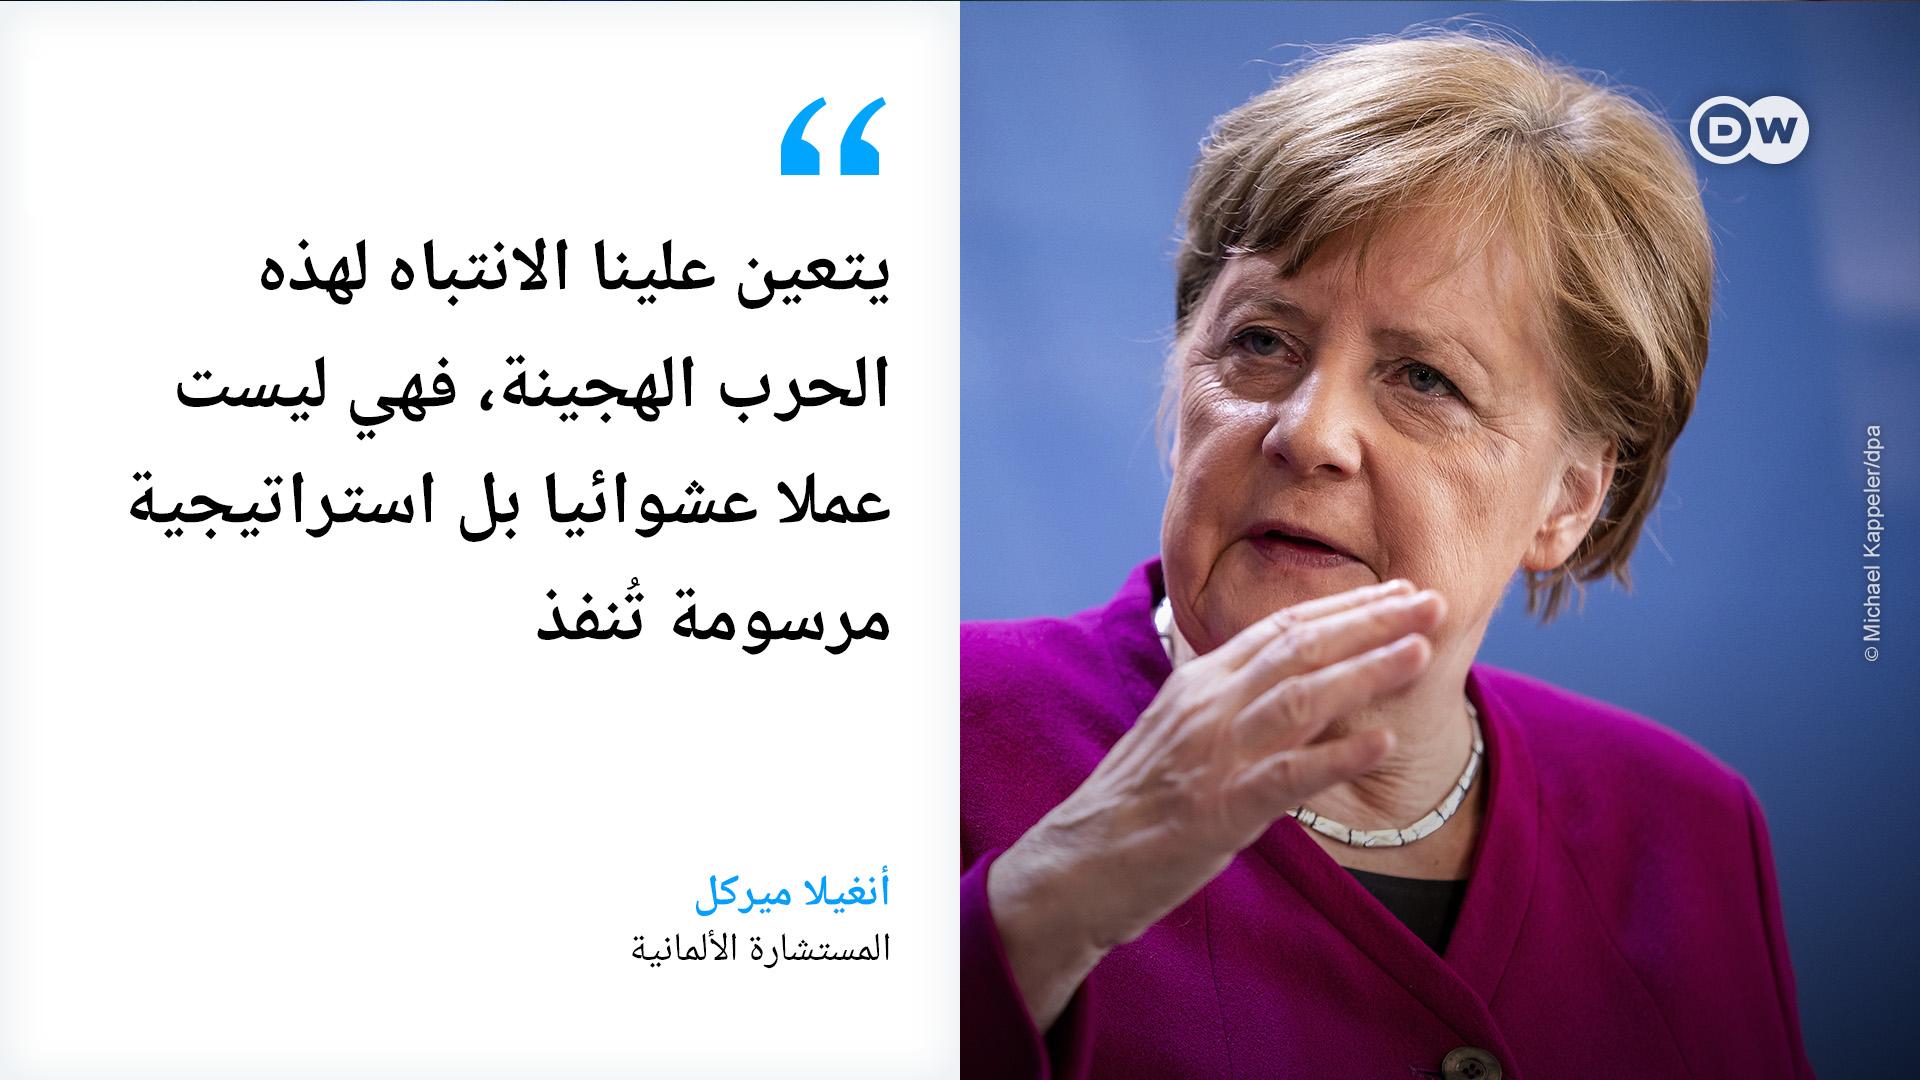 Zitattafel - Merkel